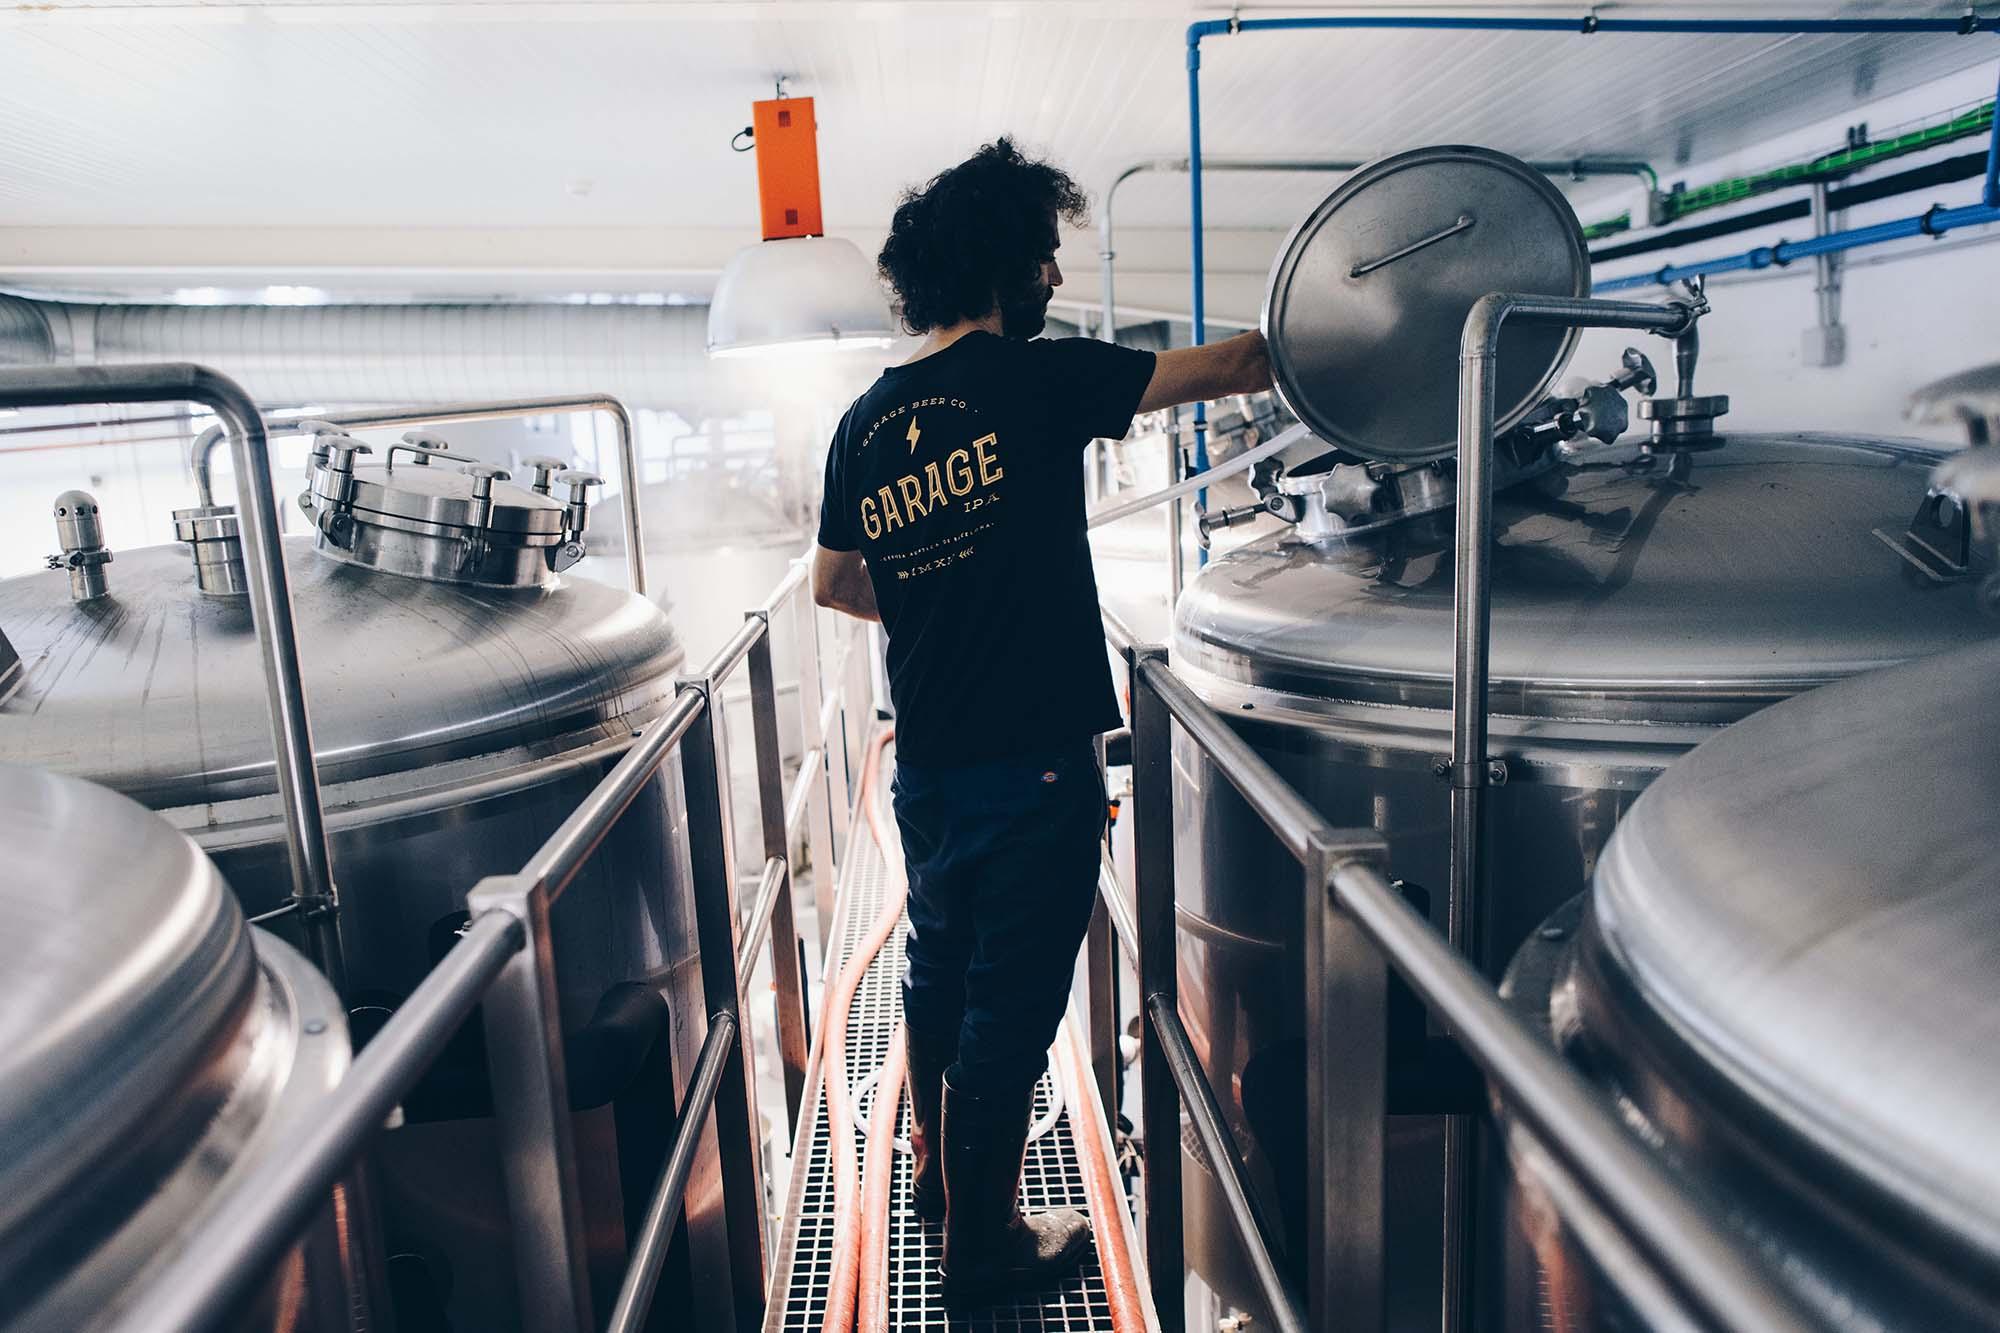 Barcelona craft beer guide: Garage Beer Co., Sant Andreu